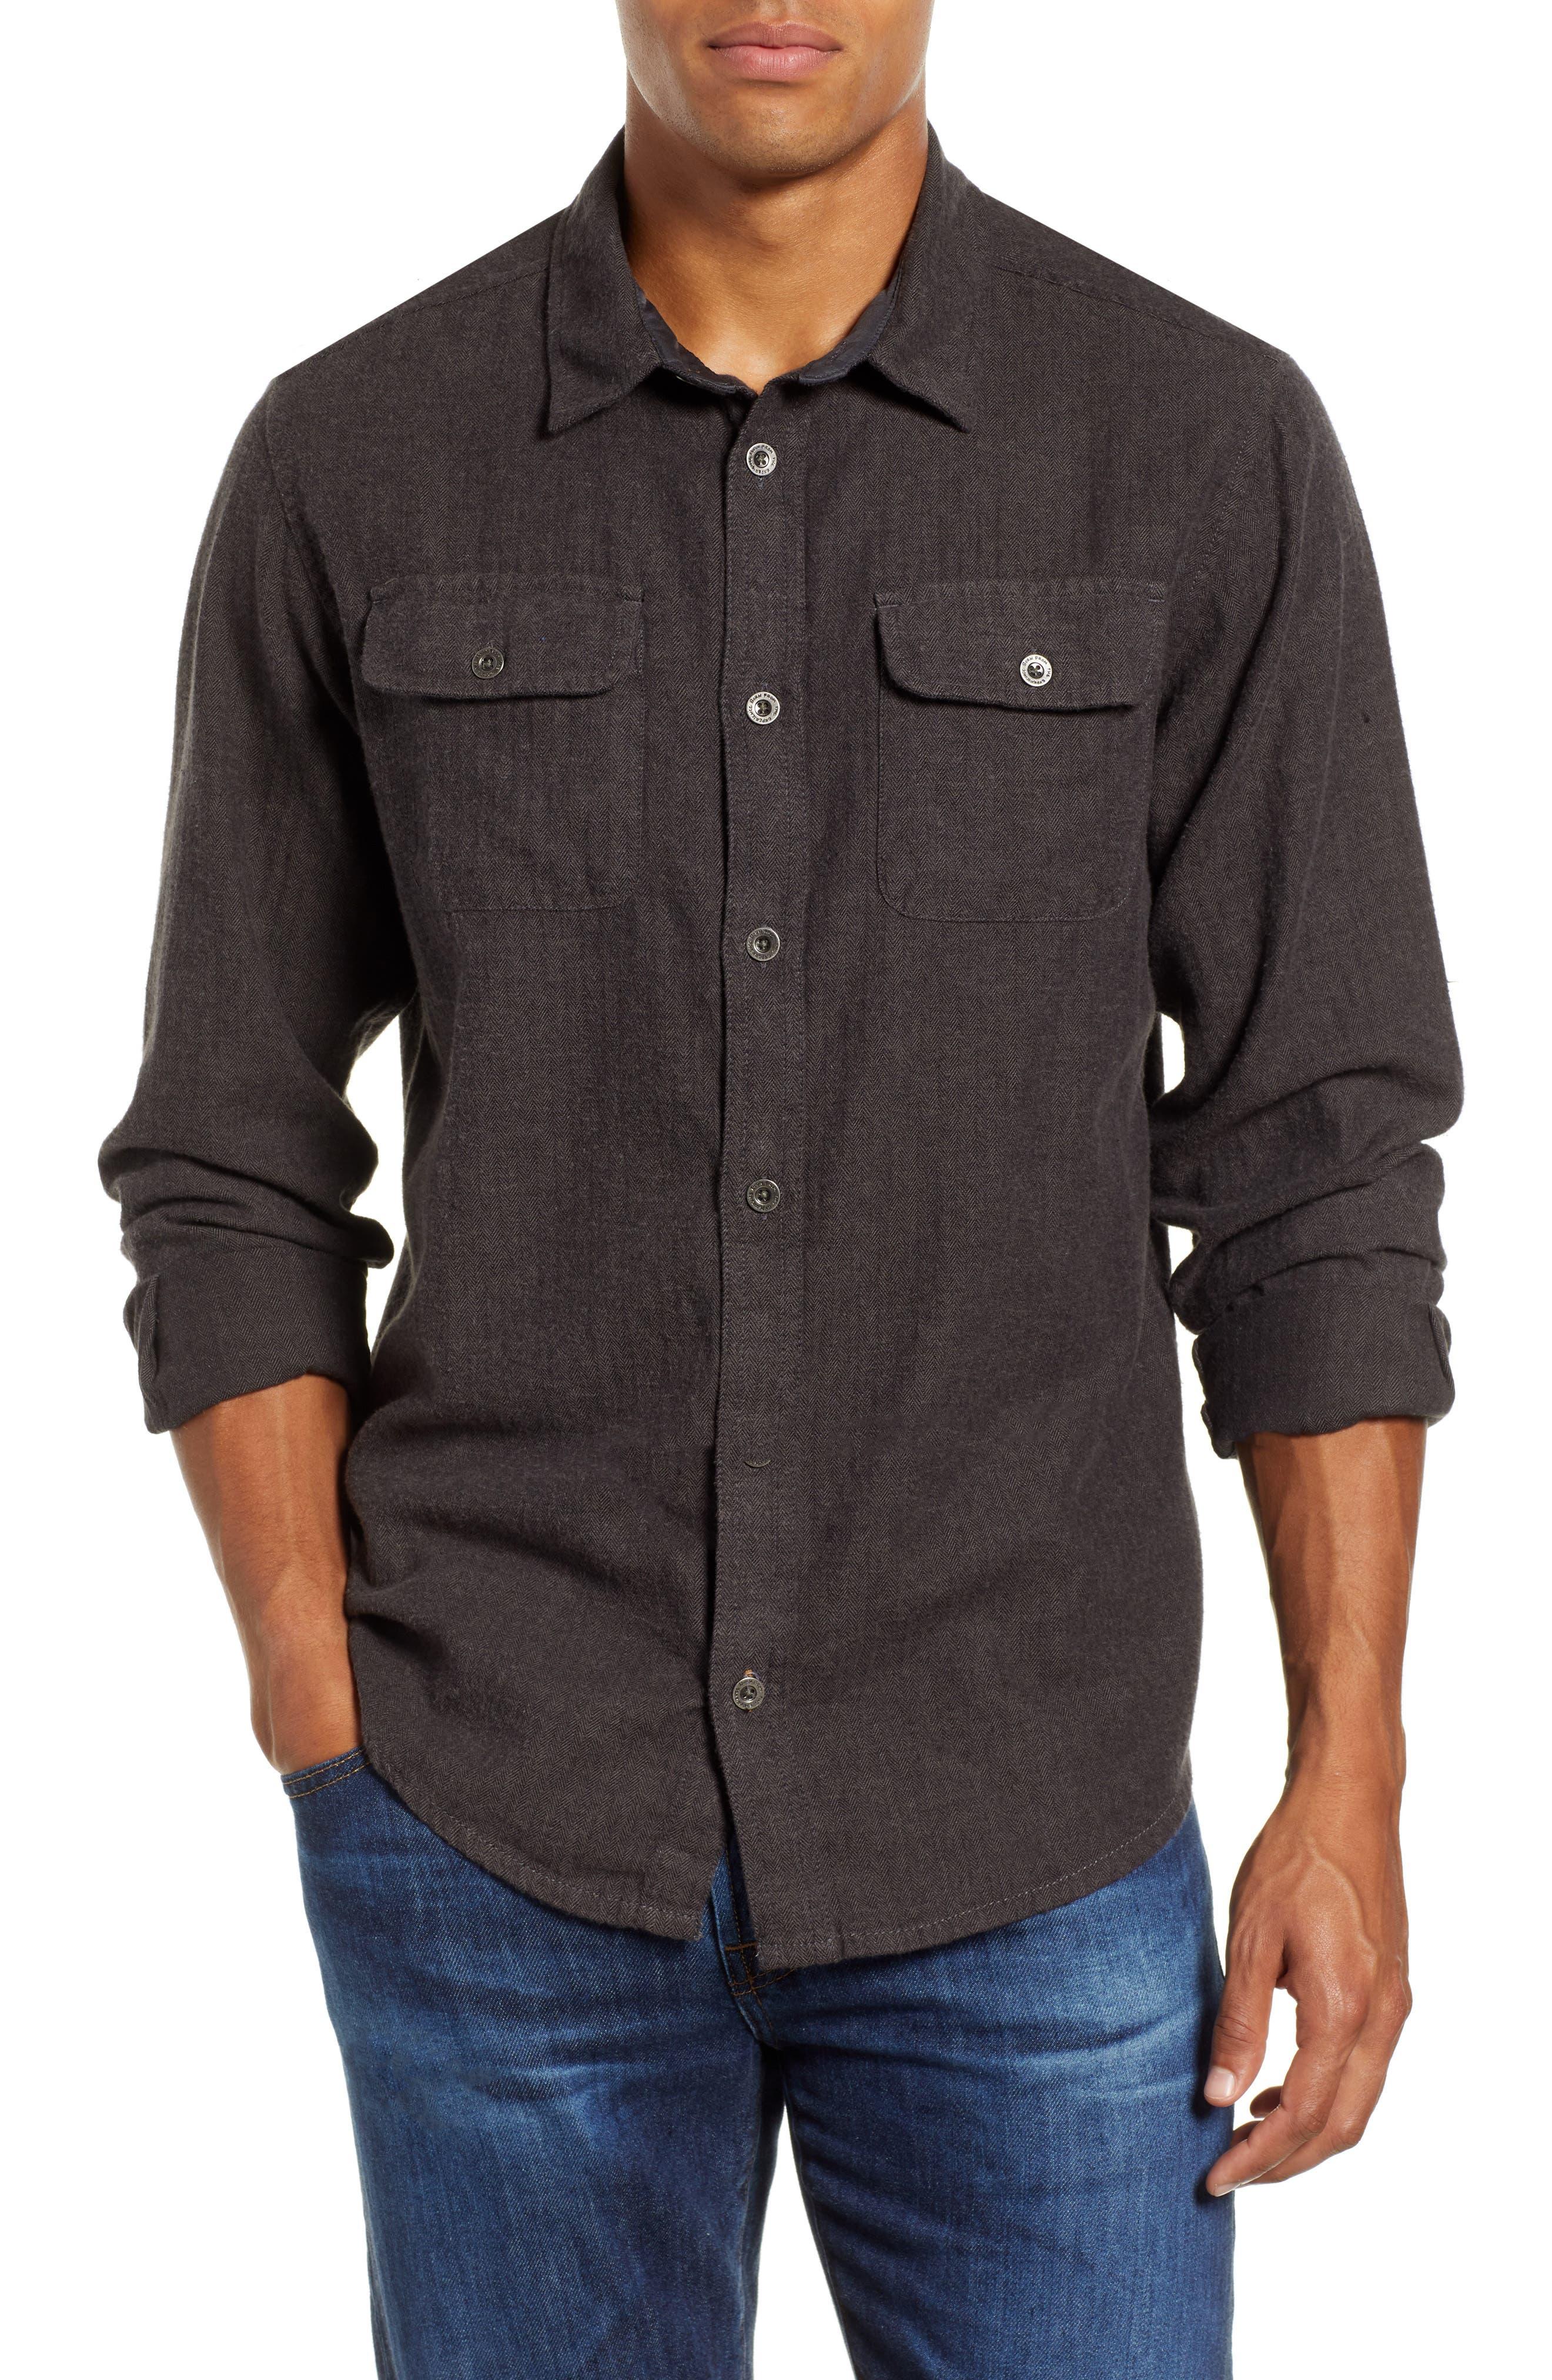 Lybek Regular Fit Herringbone Flannel Shirt,                             Main thumbnail 1, color,                             SCORCHED BROWN HERRINGBONE